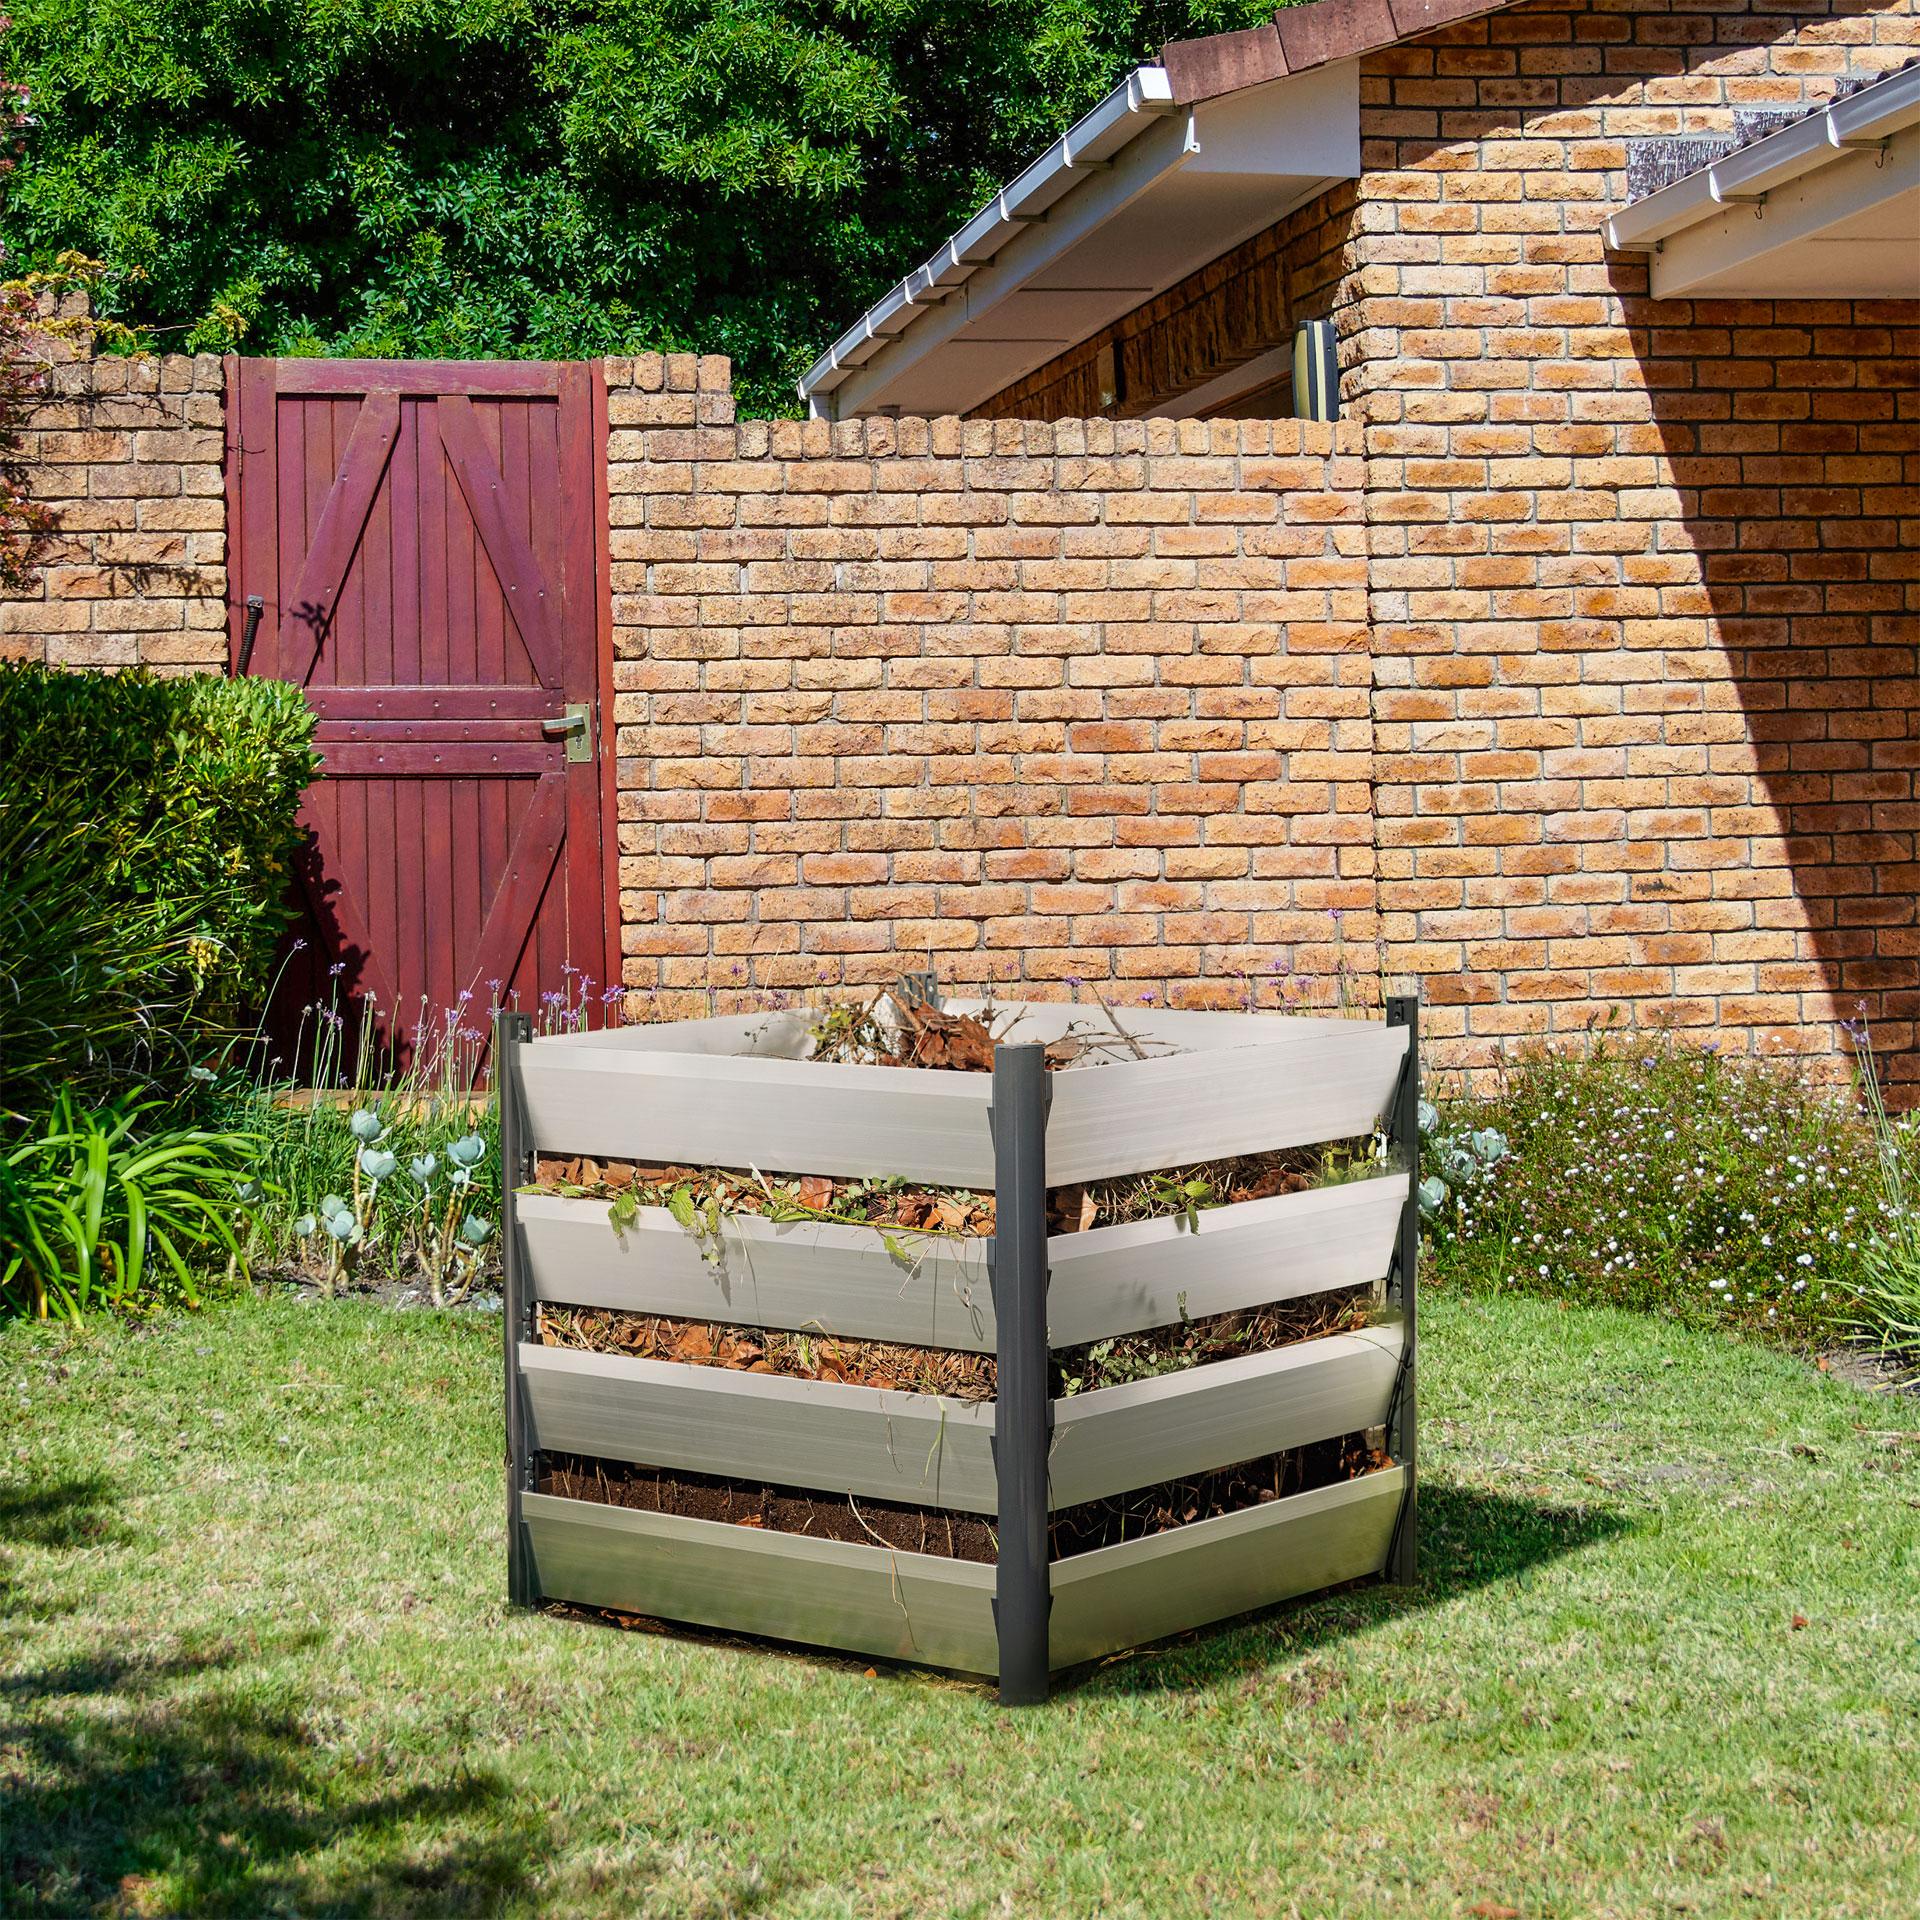 Full Size of Aldi Nord Alu Gartenliege 2018 Auflage 2020 Rattan 2019 Gartenliegen Xxl Aluminium Garten Und Balkon Relaxsessel Wohnzimmer Aldi Gartenliege